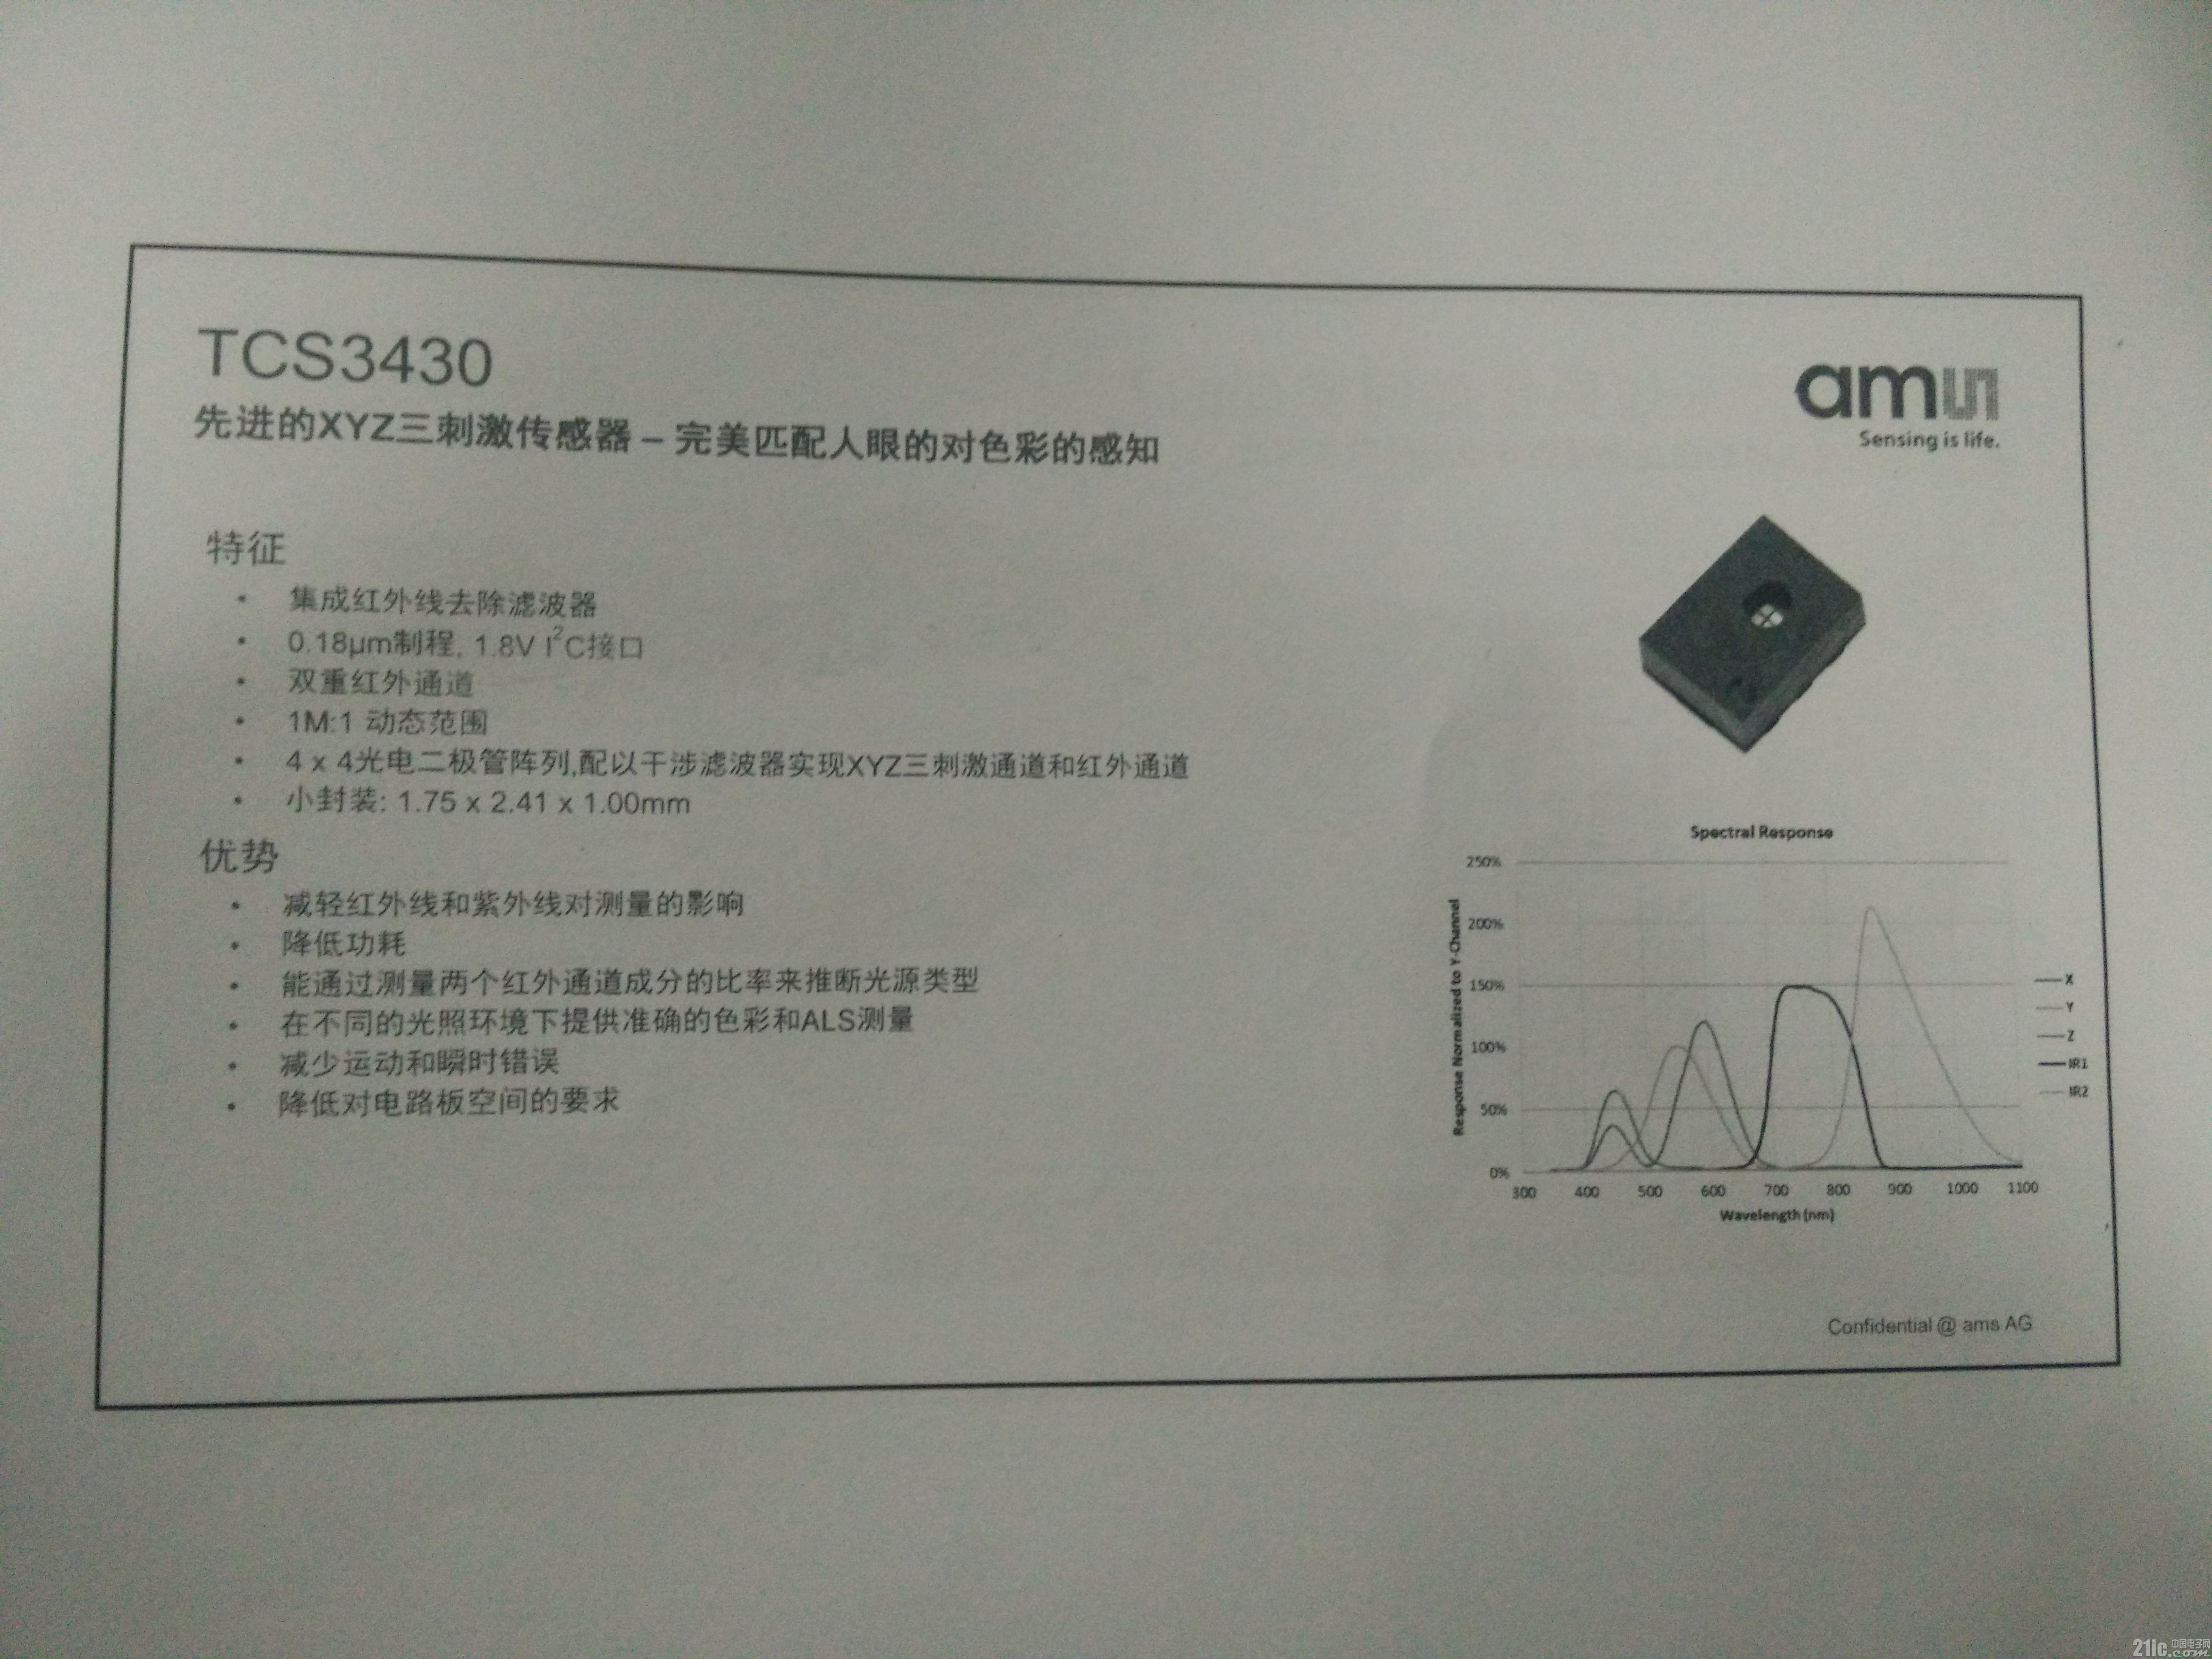 艾迈斯XYZ传感器让透过电子屏的颜色更加真实